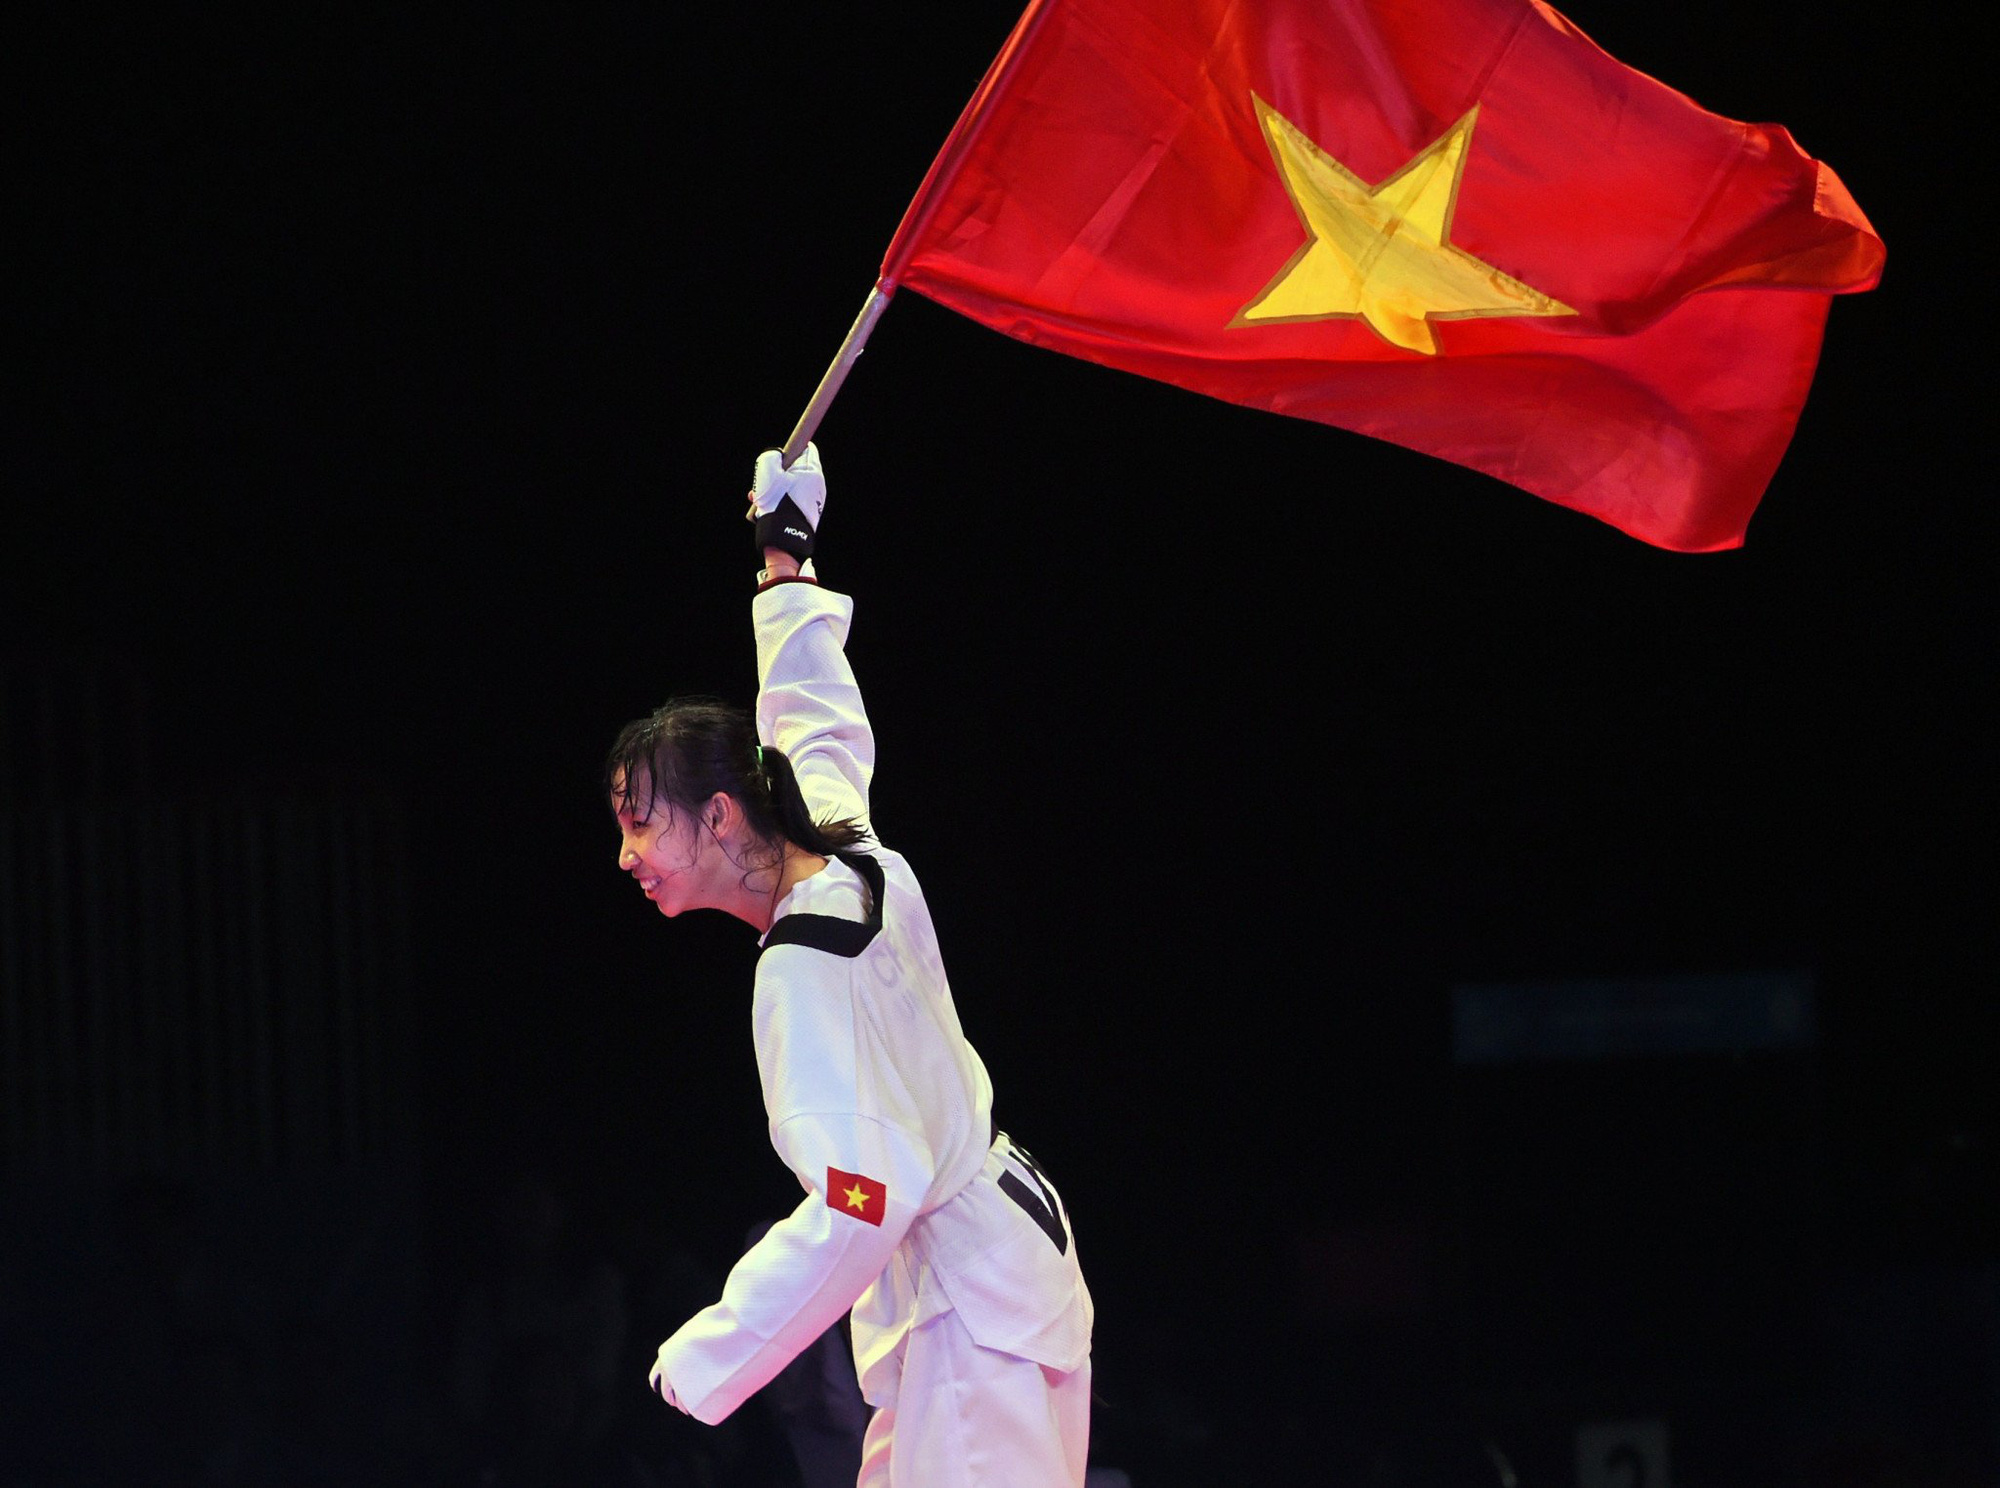 VĐV taekwondo Trương Thị Kim Tuyền: 2 lần cãi lời cha mẹ, theo đuổi nghiệp đánh đấm - Ảnh 1.